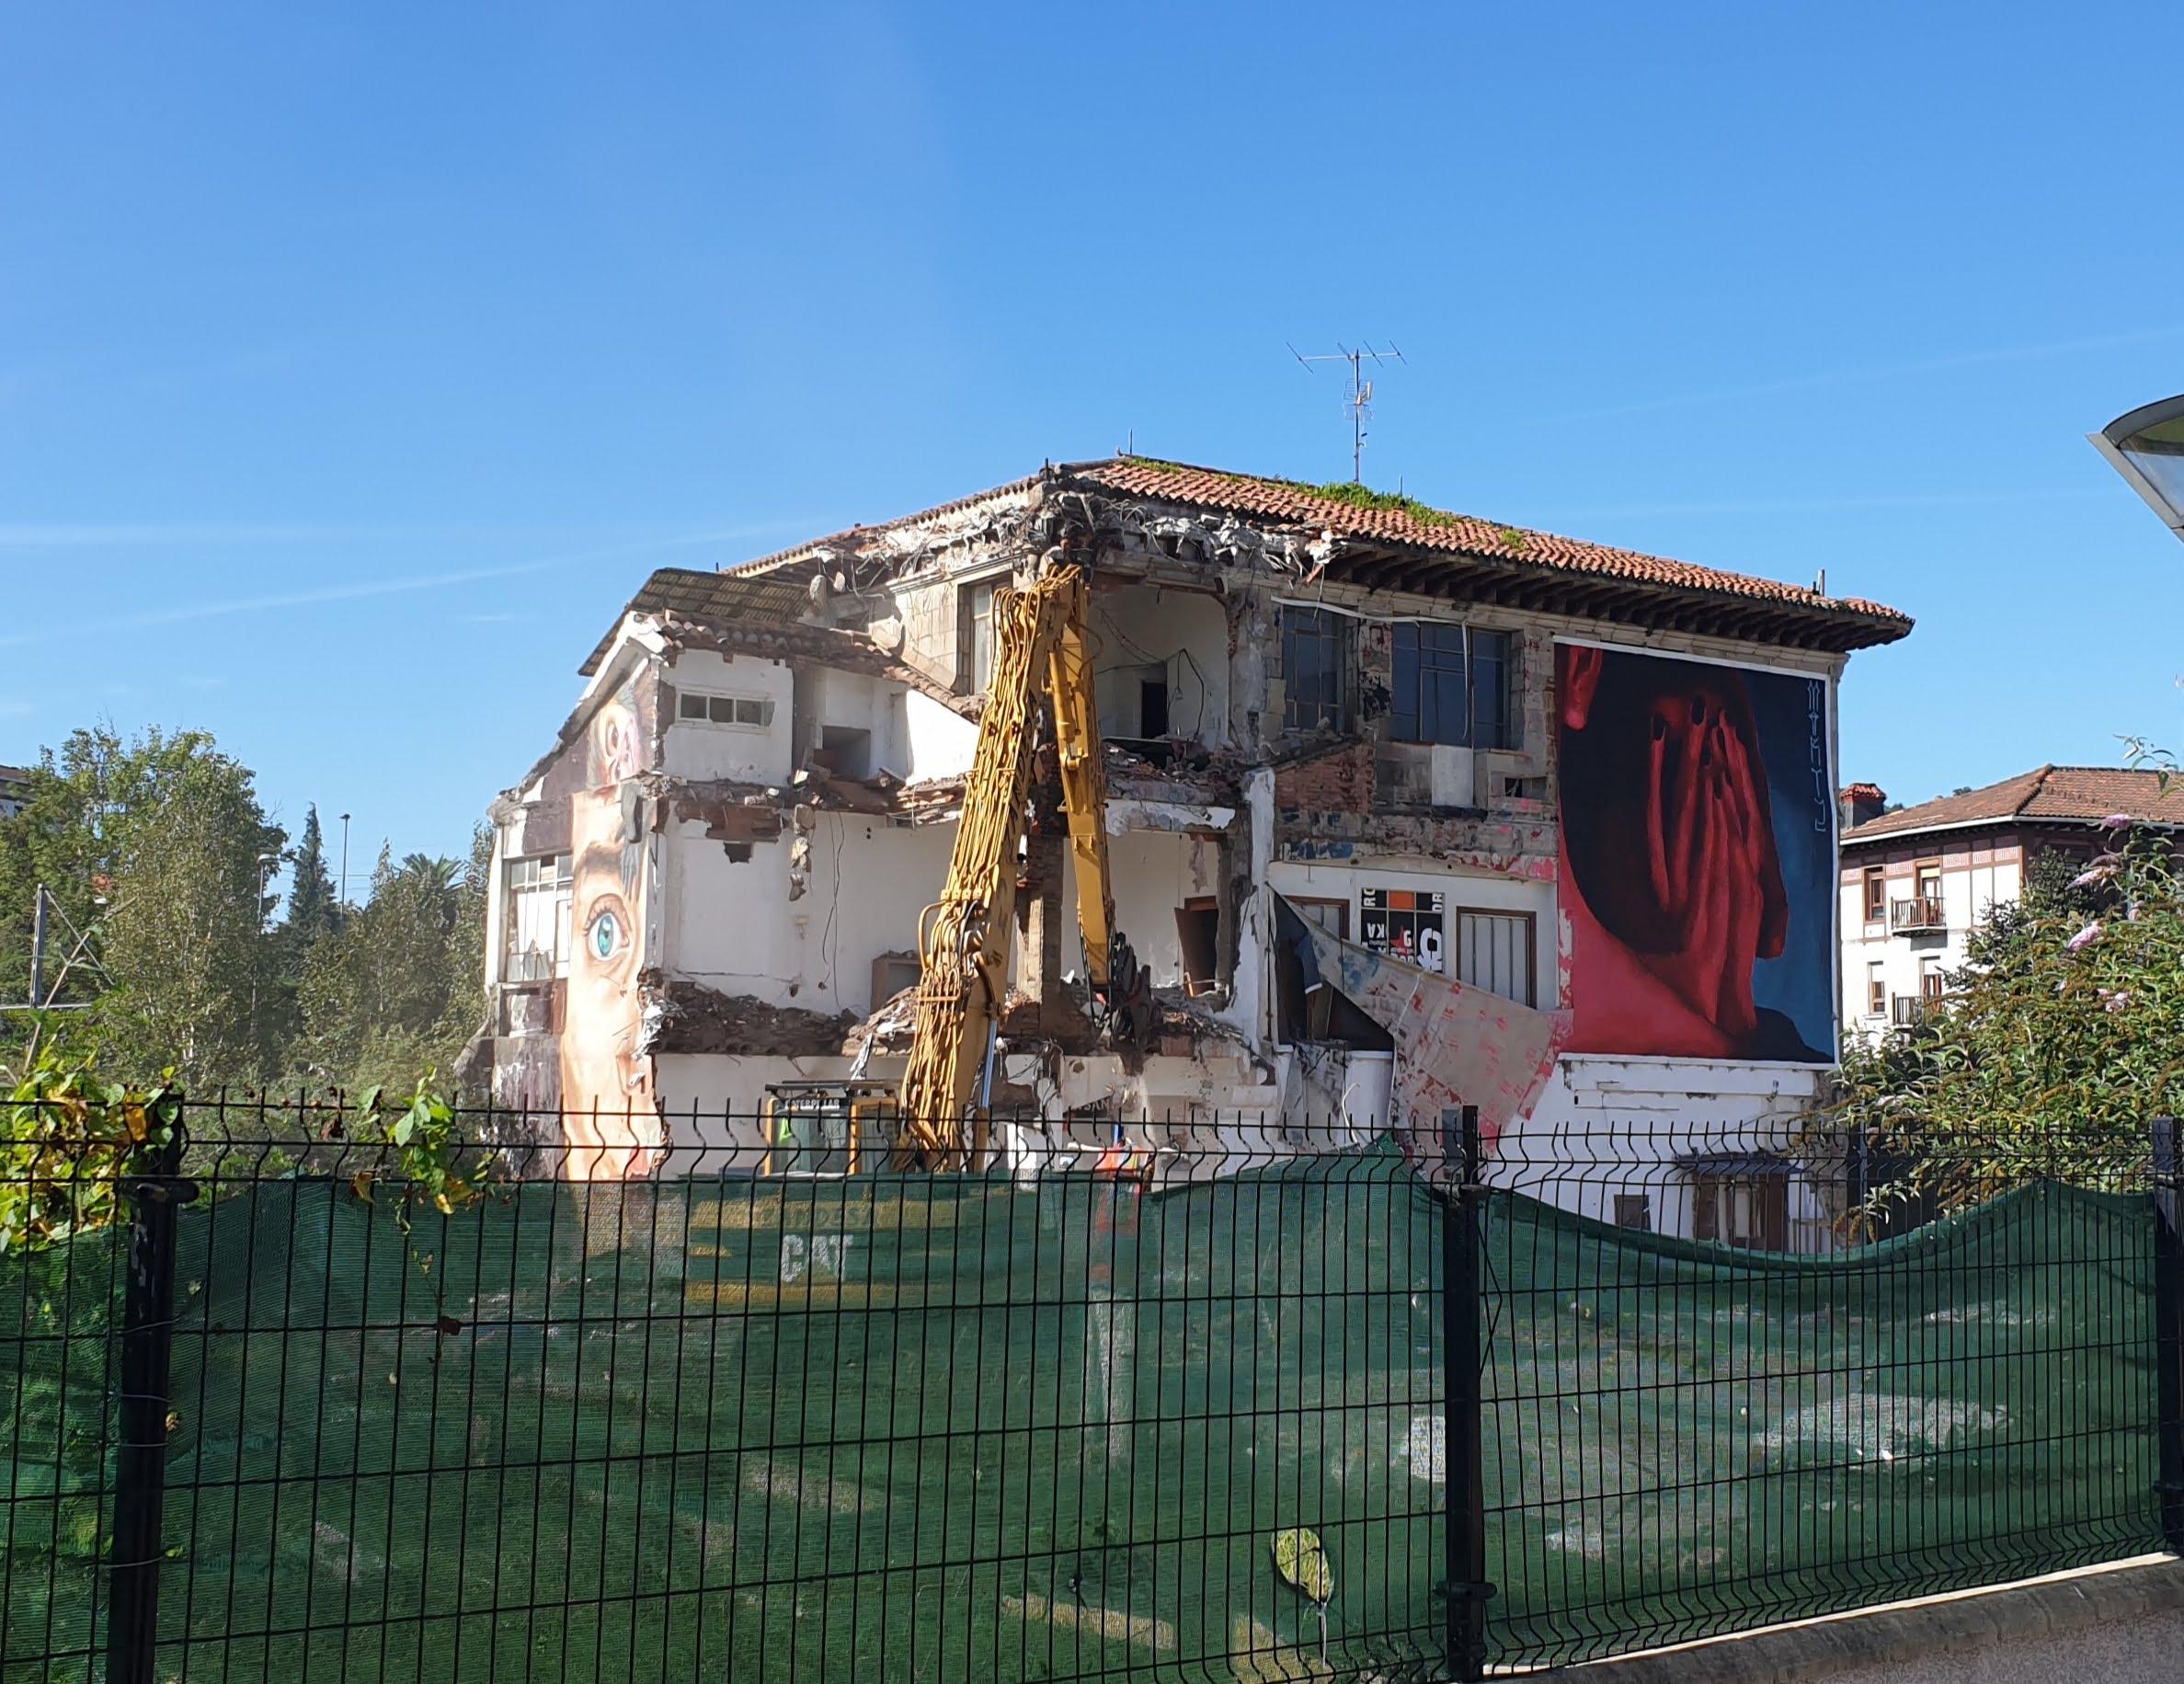 Forjas-Jauregia-2021-10-08-1